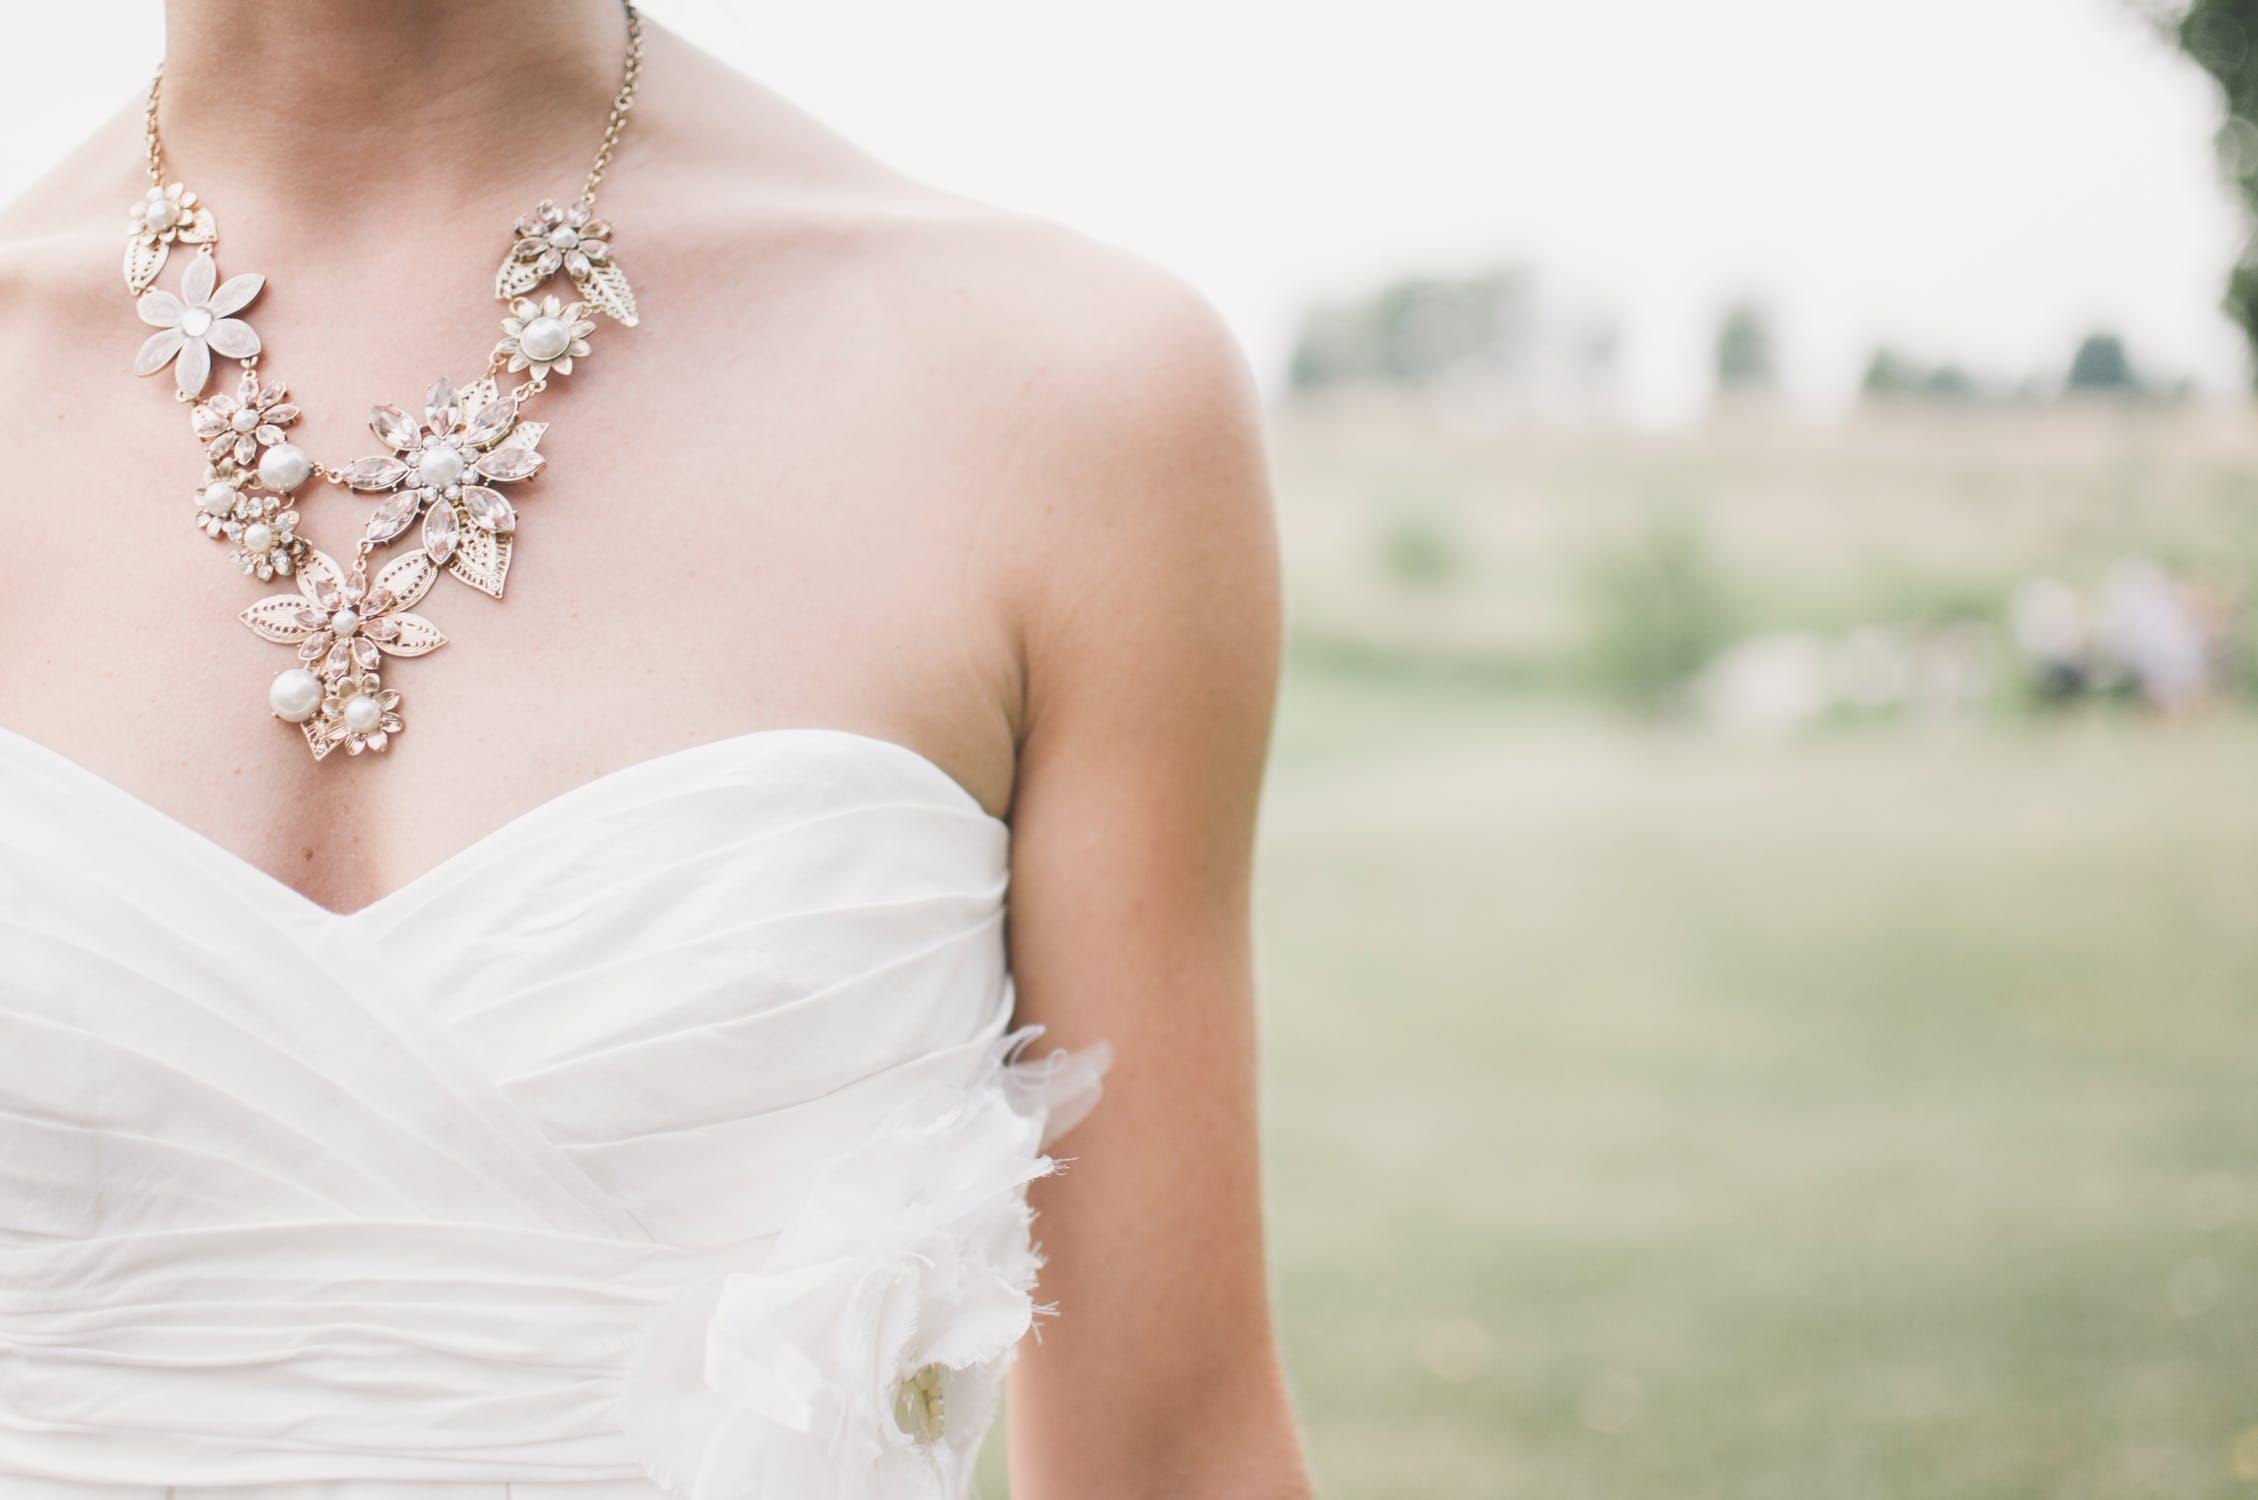 Inspirasi Model Perhiasan Kalung Emas Terbaik dan Terpopuler